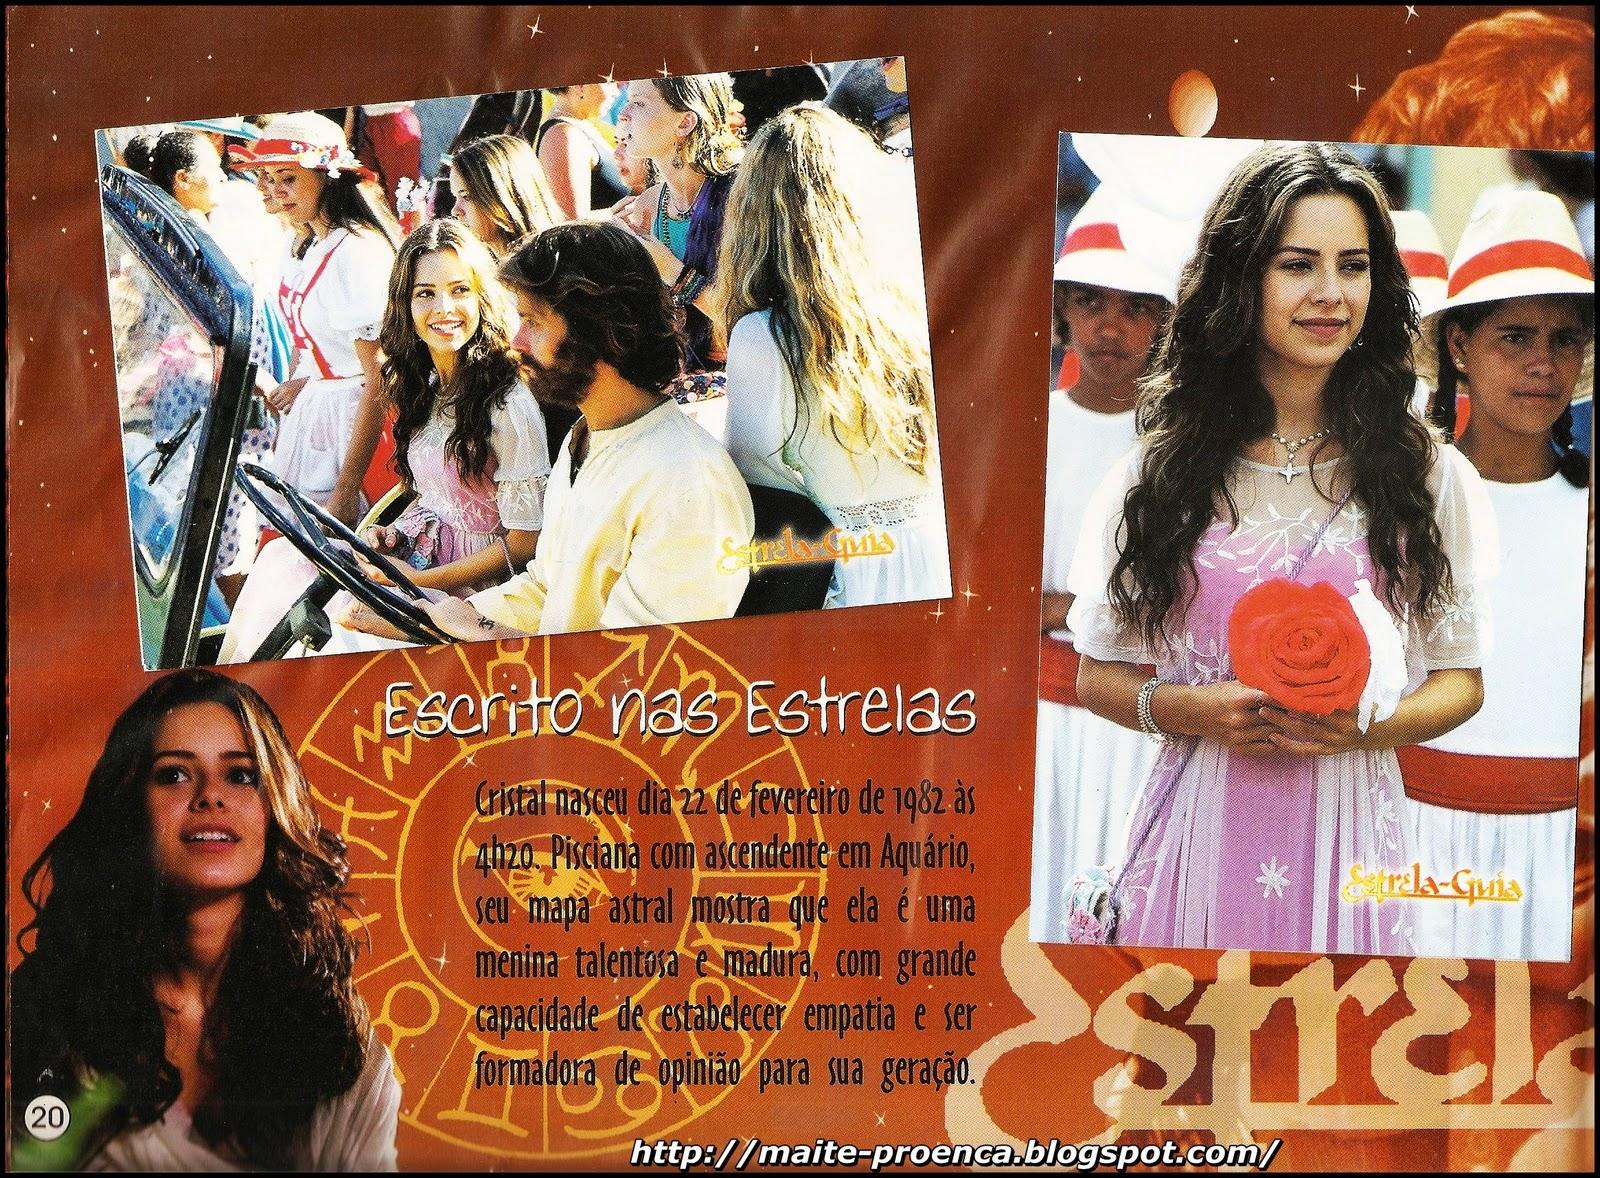 691+2001+Estrela+Guia+Album+(19).jpg